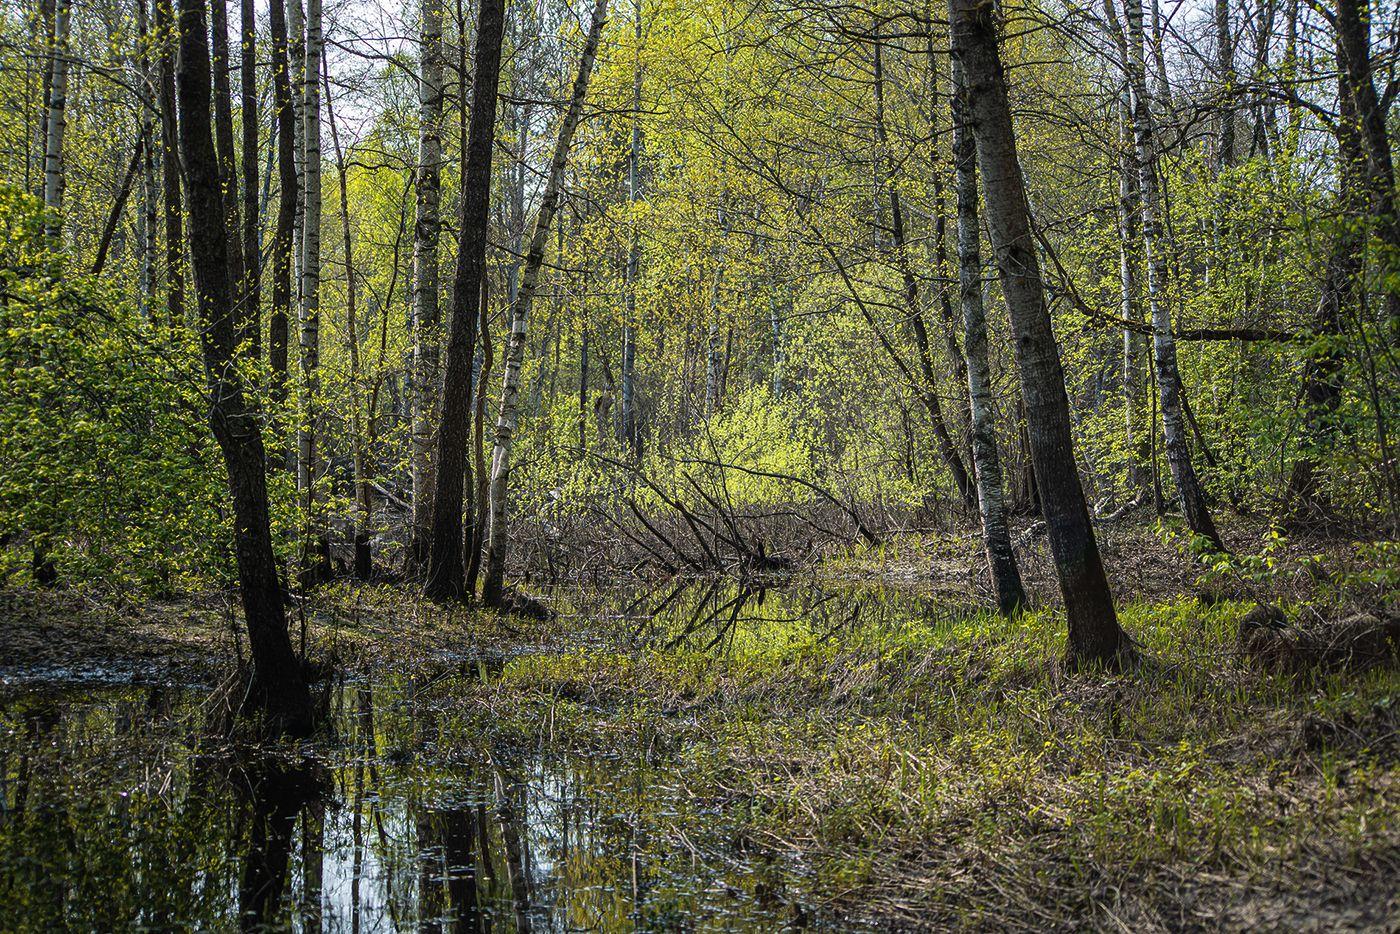 весна, молодая зелень, сочная зелень, березы, осины, мещёра, рязанская область, Валерий Пешков